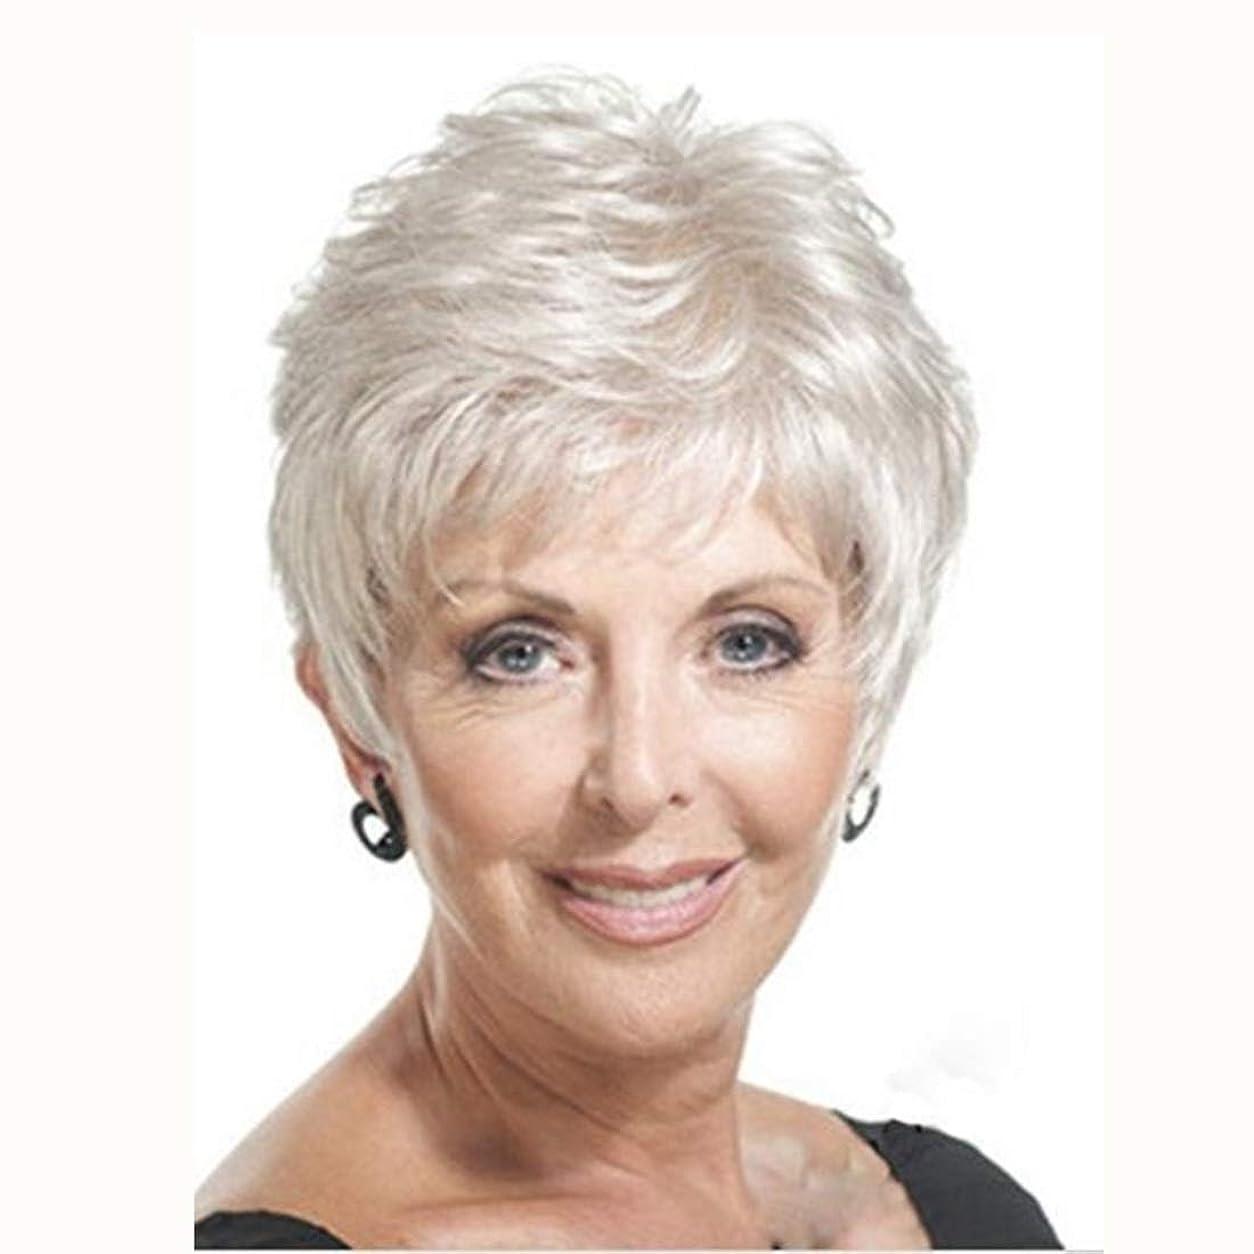 キャンベラ放射する思いやりSummerys 女性のための前髪の髪のかつらと白の短いストレートヘア耐熱合成かつら